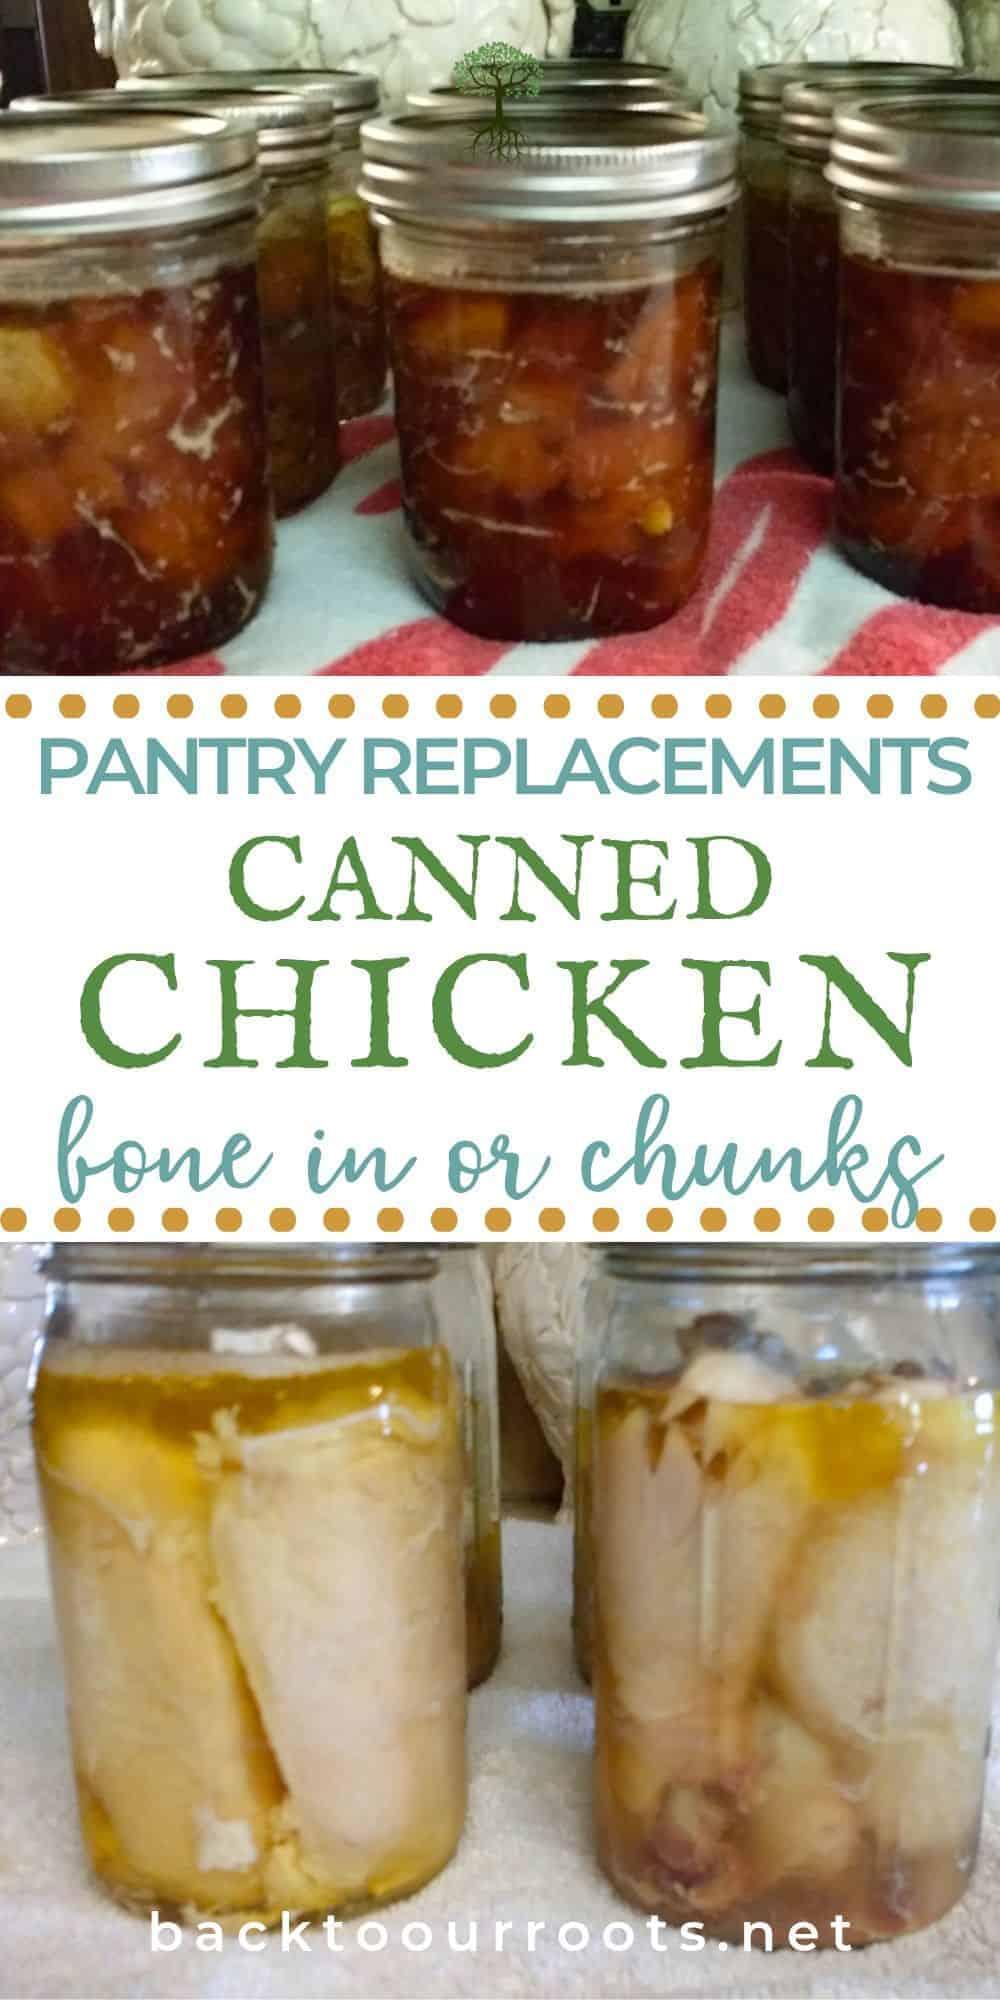 Pressure Canning Chicken